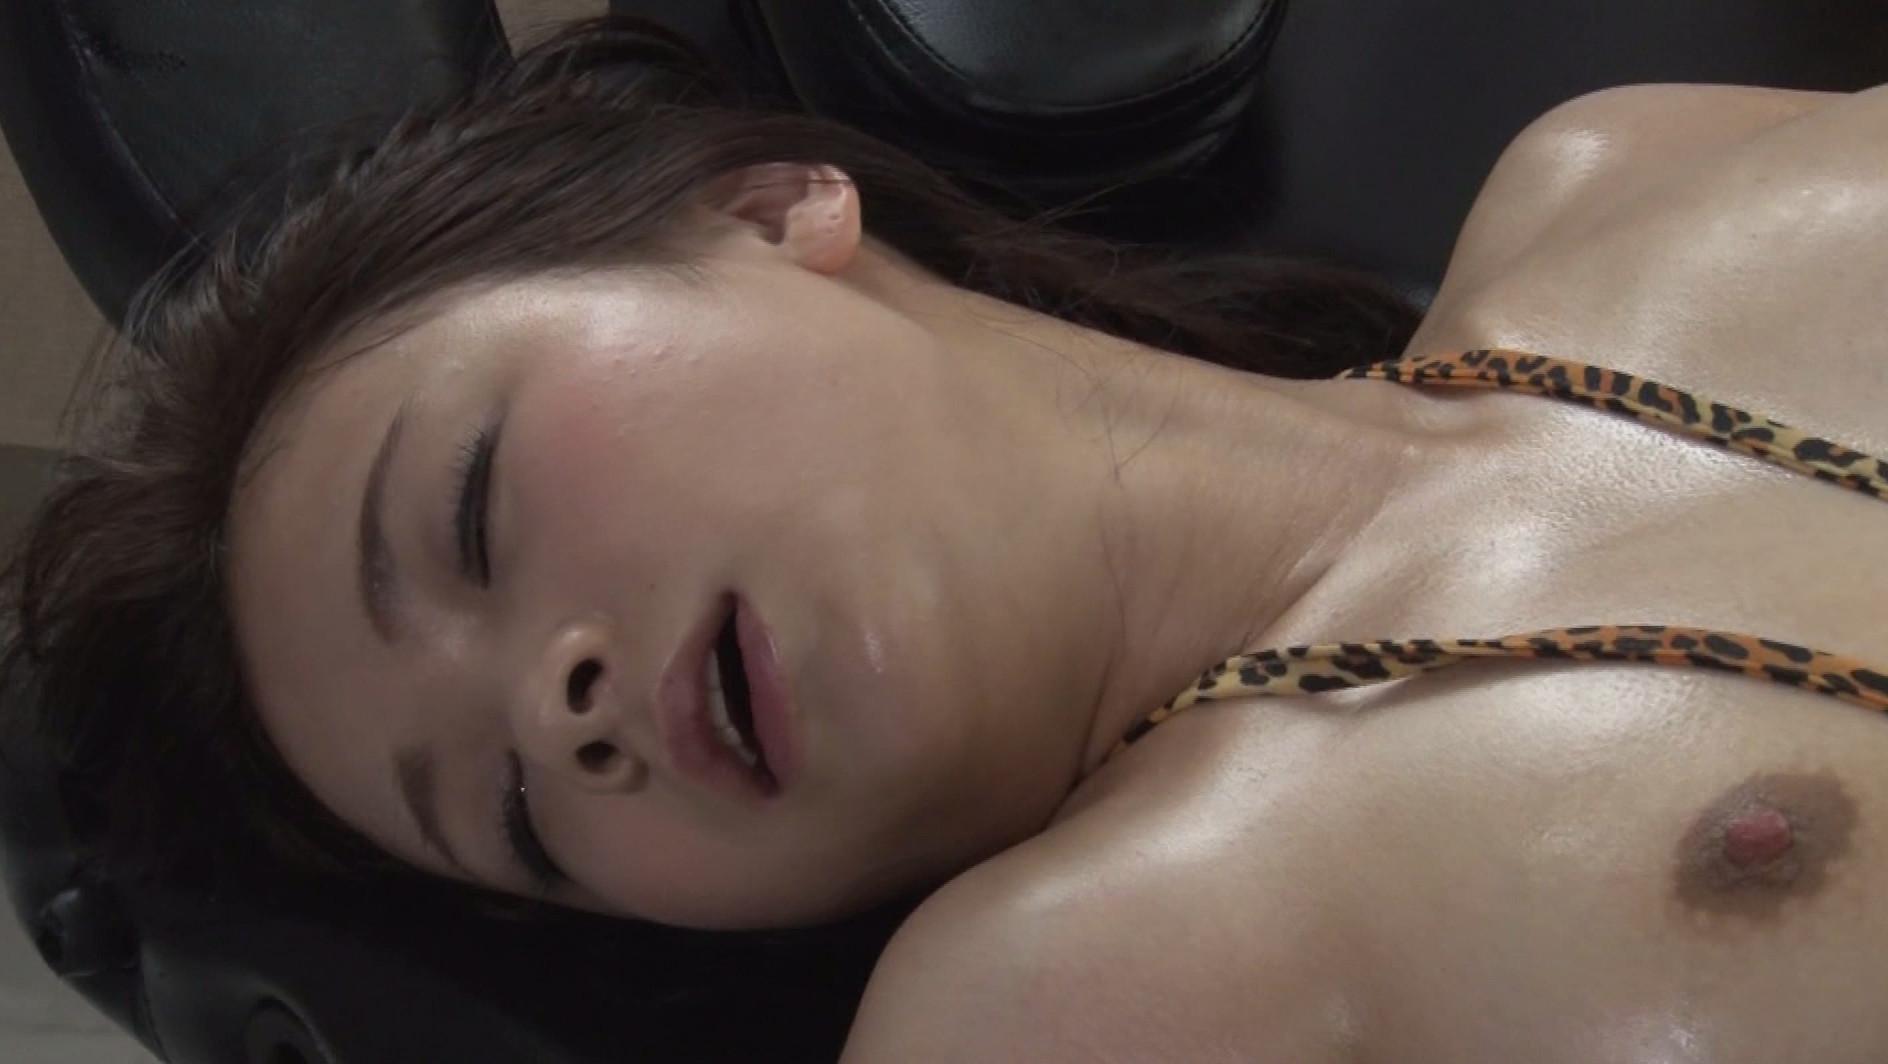 特命フルヌード捜査官 決意の全裸レストラン潜入ダブルミッション 画像14